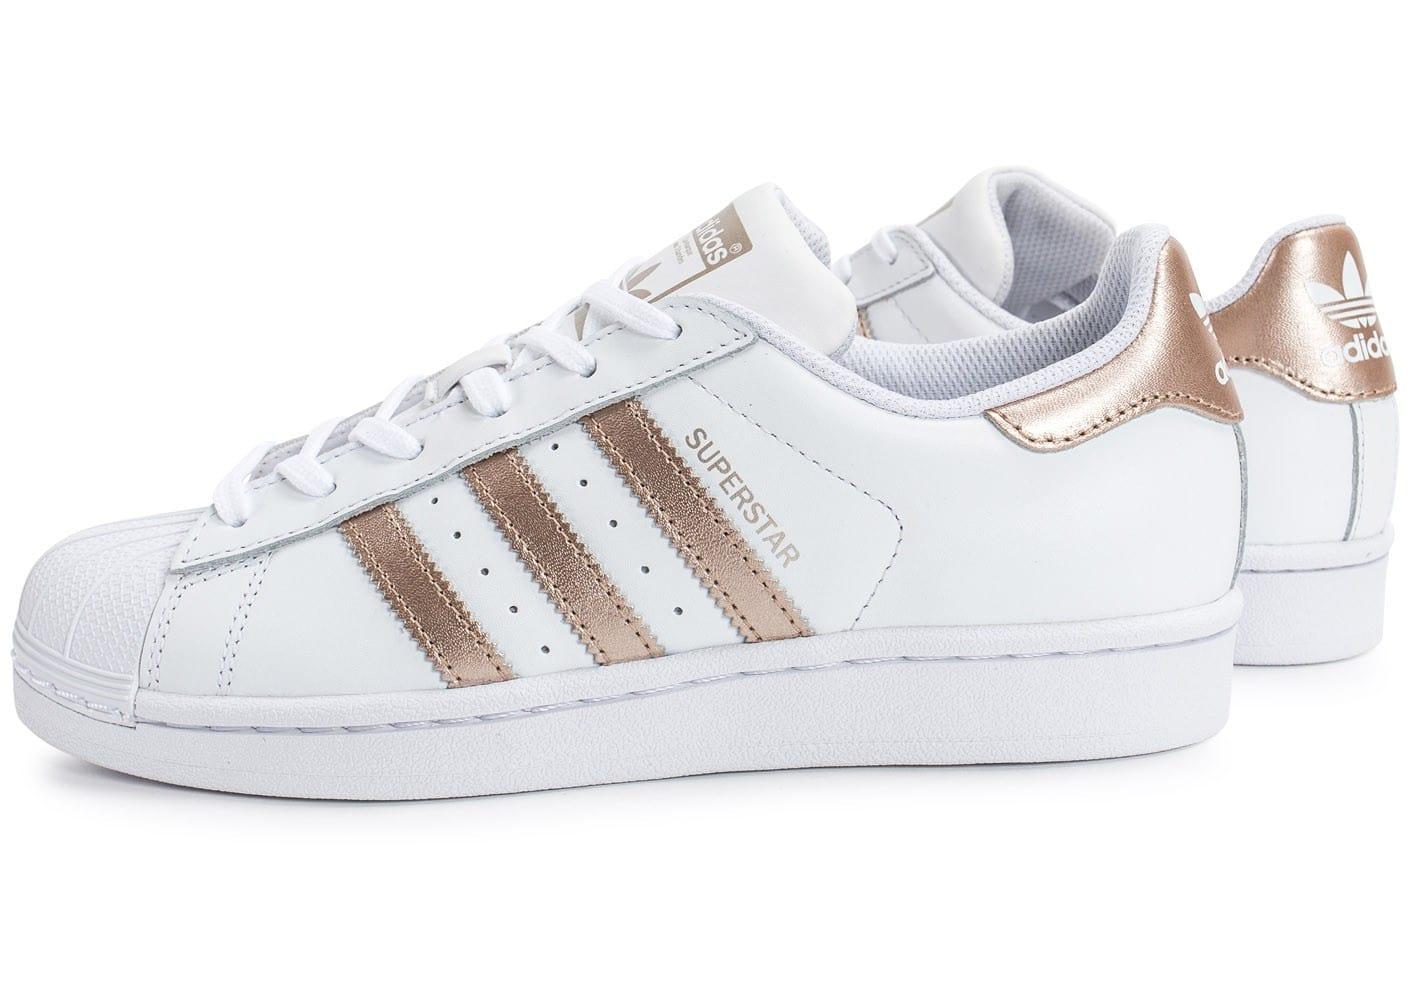 site de chaussure adidas superstar